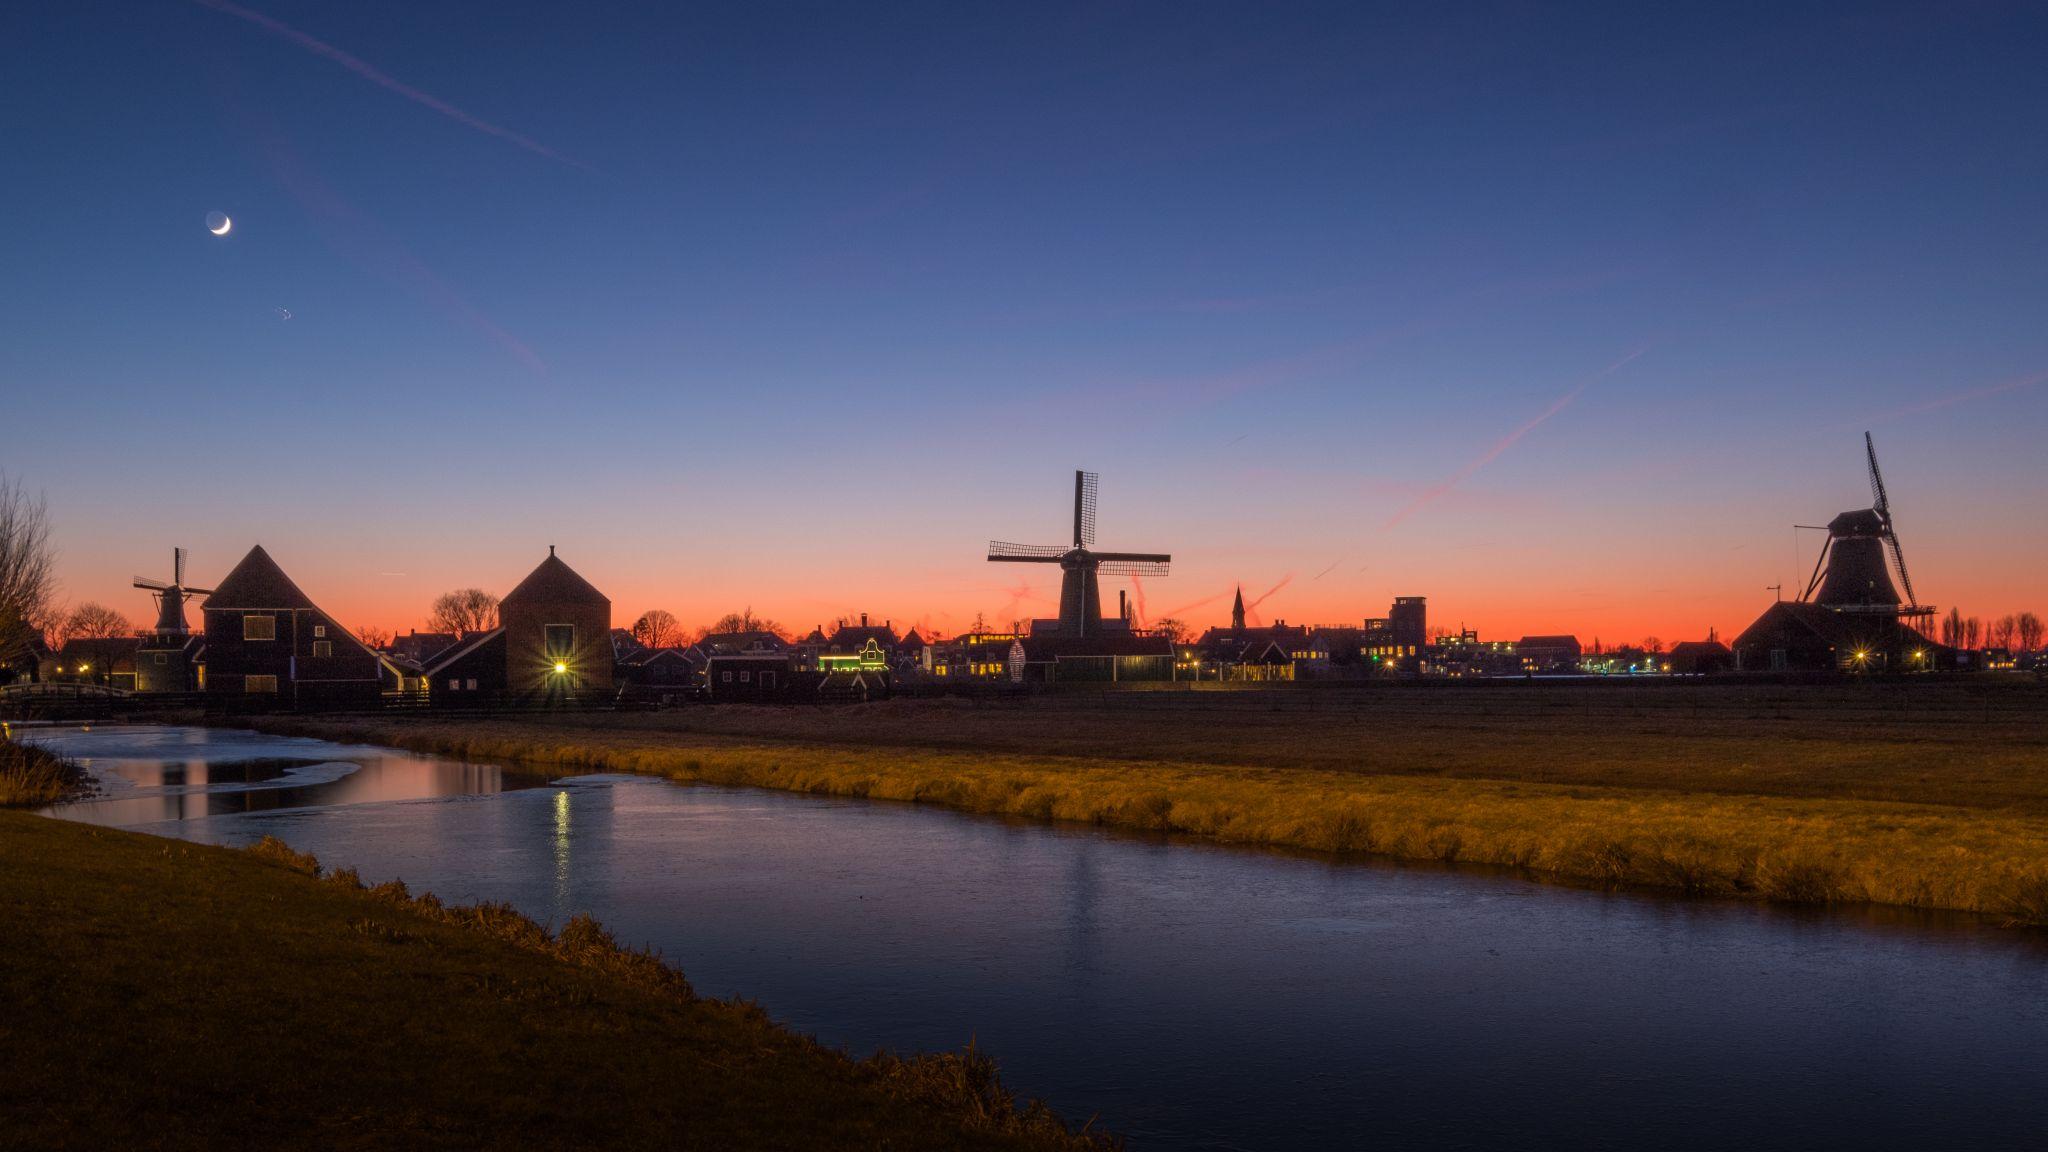 Zaanse Schans Moon Rise, Netherlands